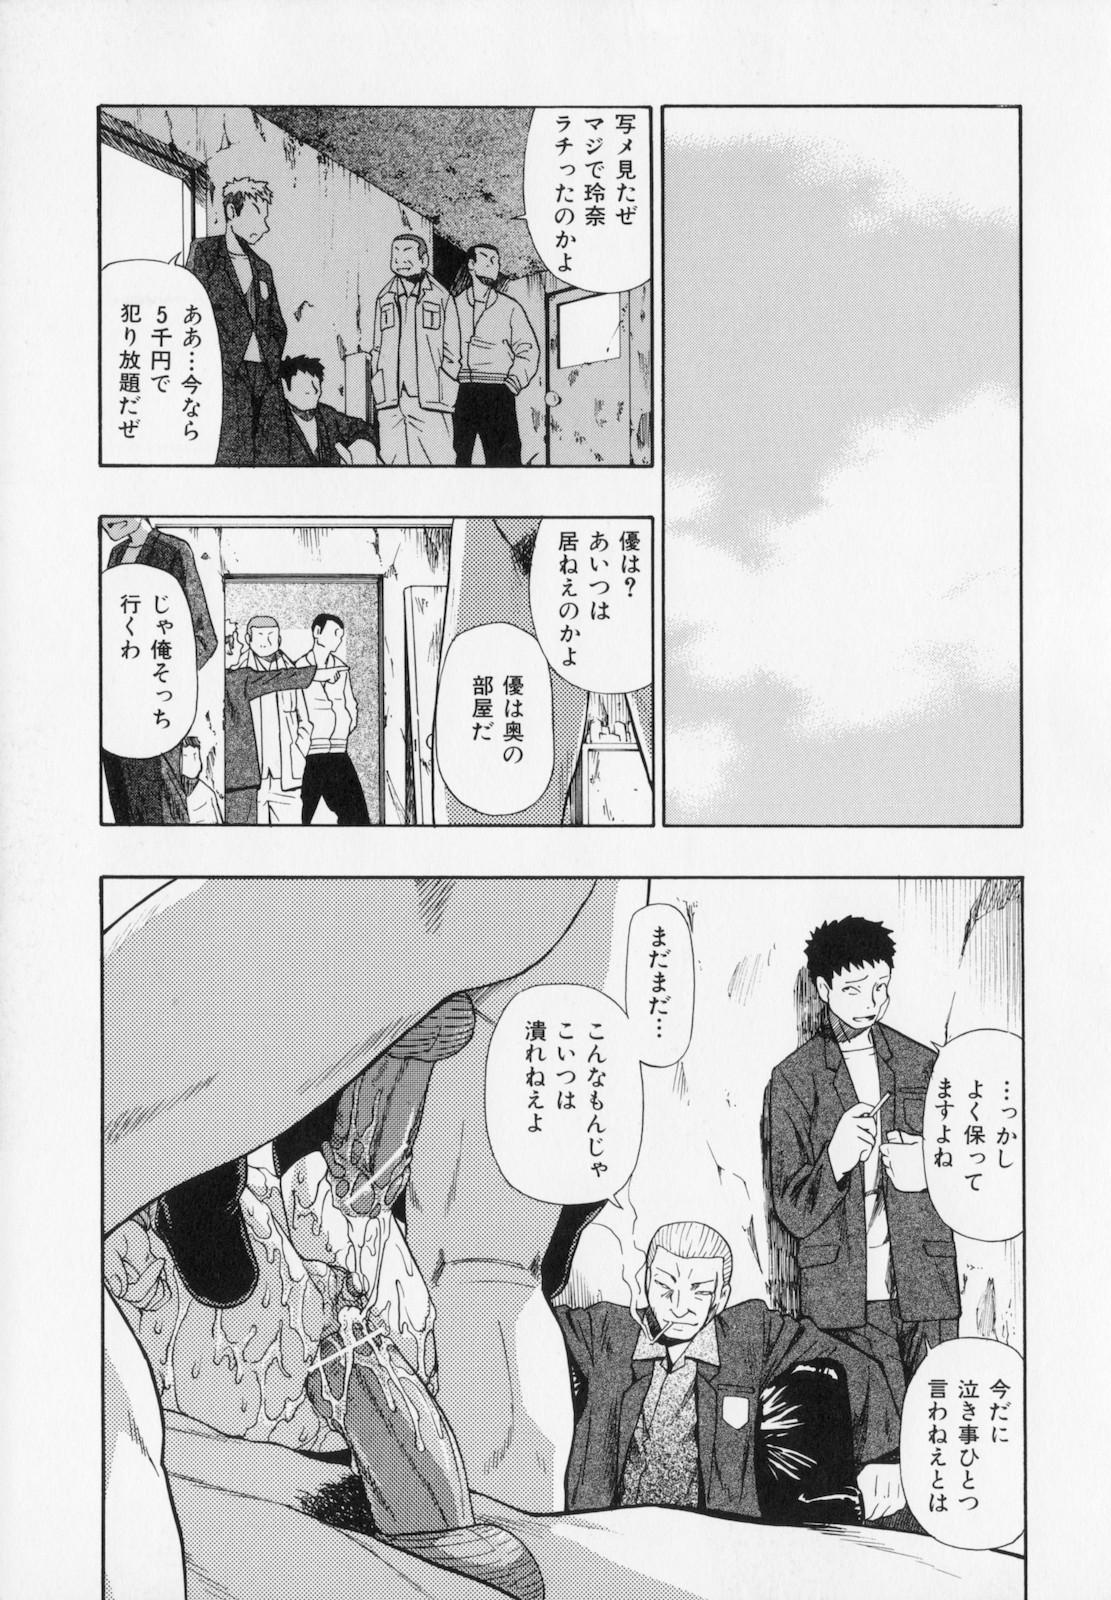 Hitodenashi no Utage - Veranstaltungsräume von Brute 44